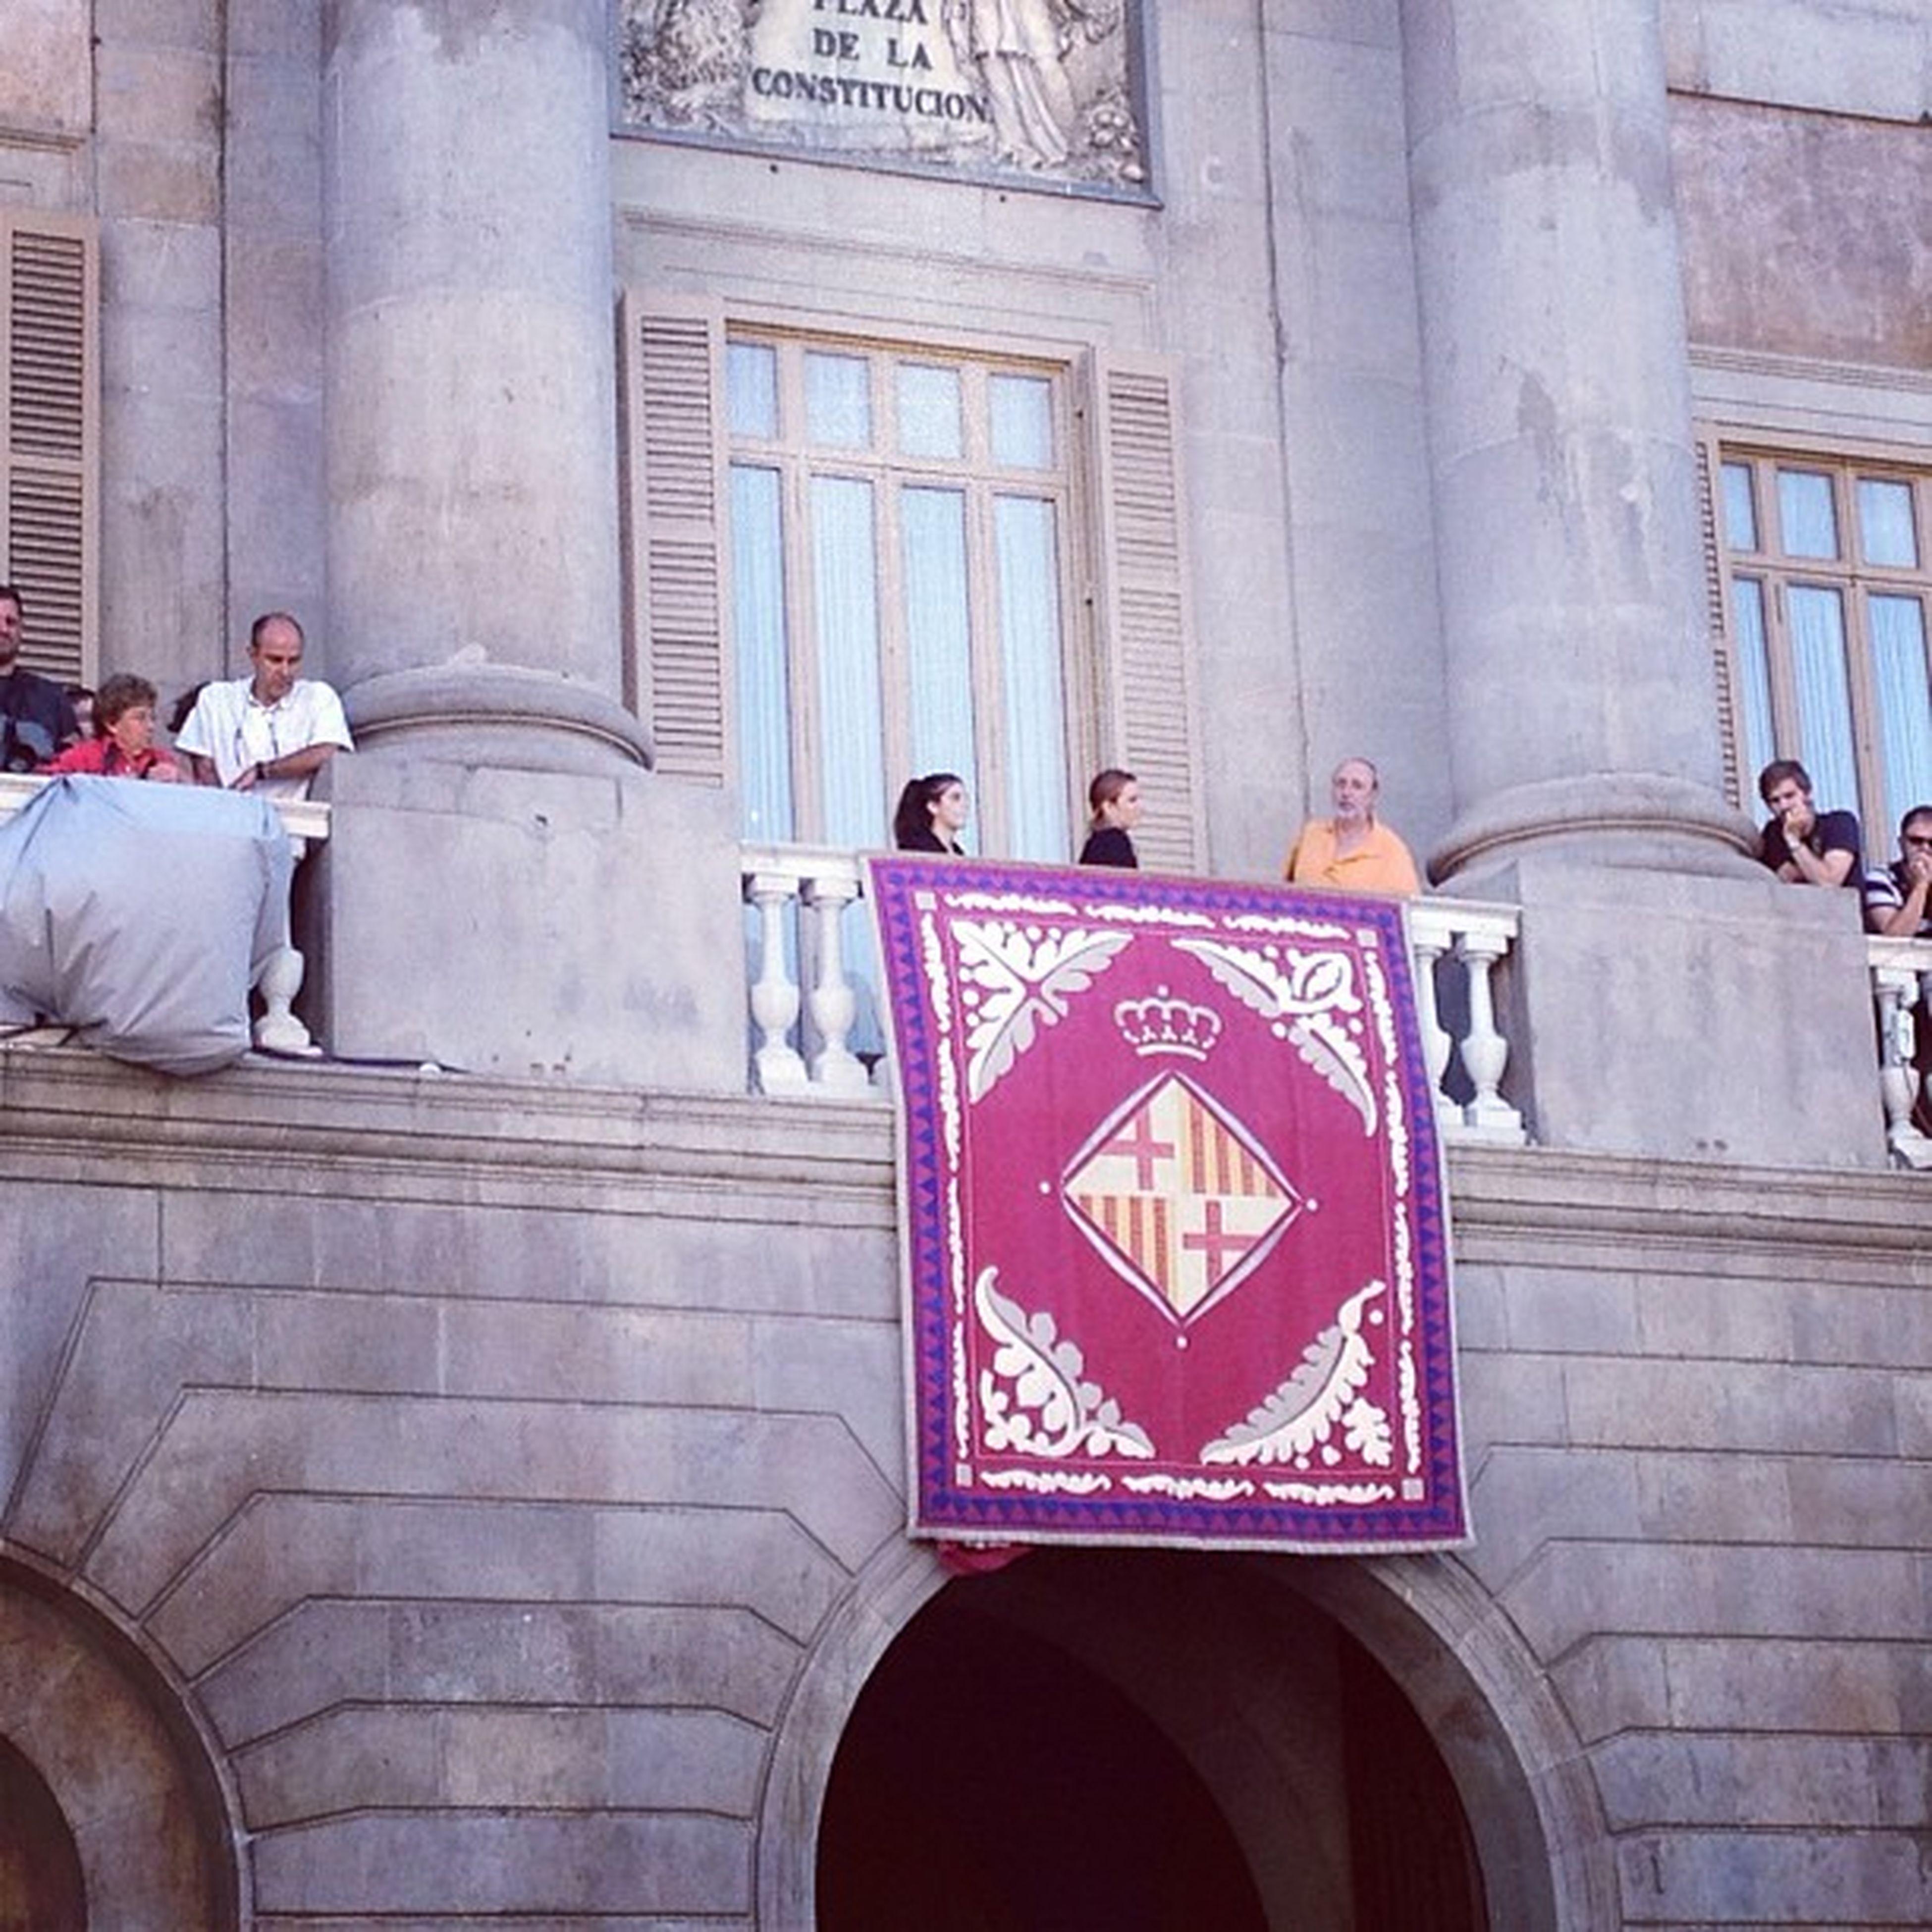 Aquesta és la representació de l'Ajuntament de Barcelona quan els gegants de la ciutat ballen a Plaça Sant Jaume #plasplasplas #merce12 Mercè12 Plasplasplas